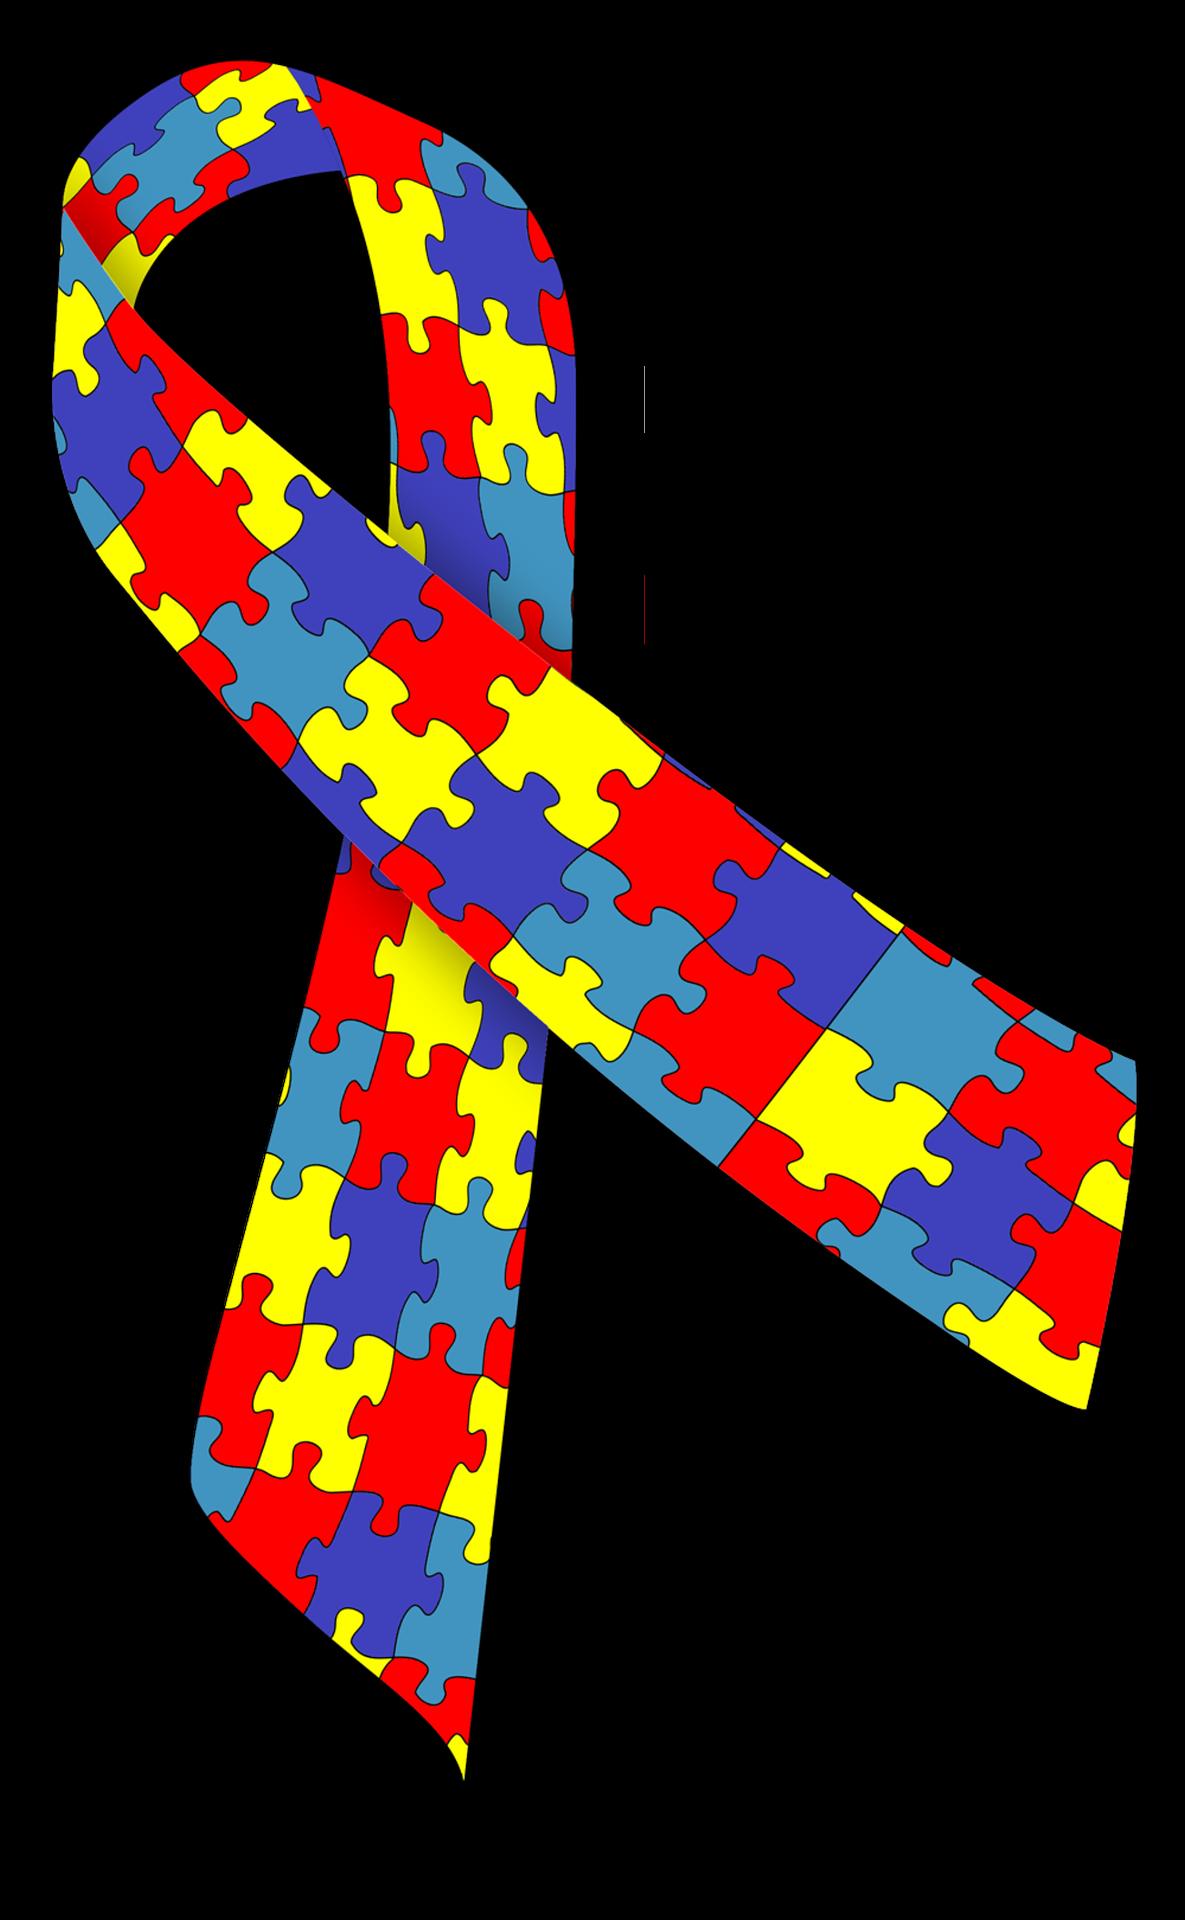 Noi soluţii pentru sprijinirea copiilor cu tulburări din spectrul autist vor fi elaborate de o reţea de organizaţii